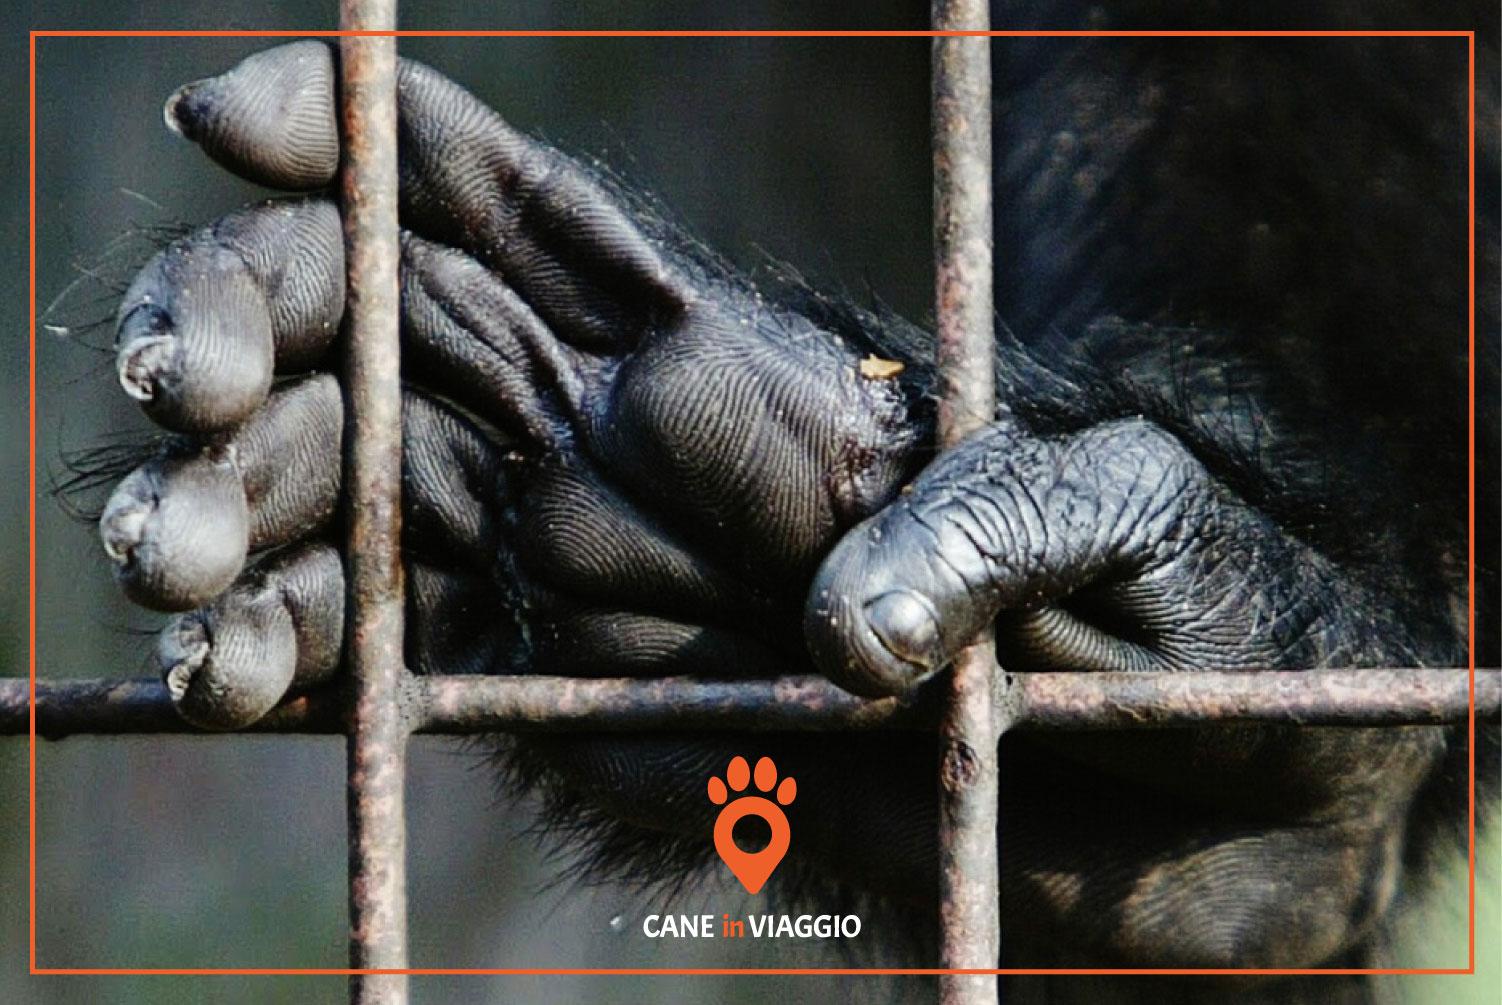 zampe di gorilla attraverso le inferriate della gabbia